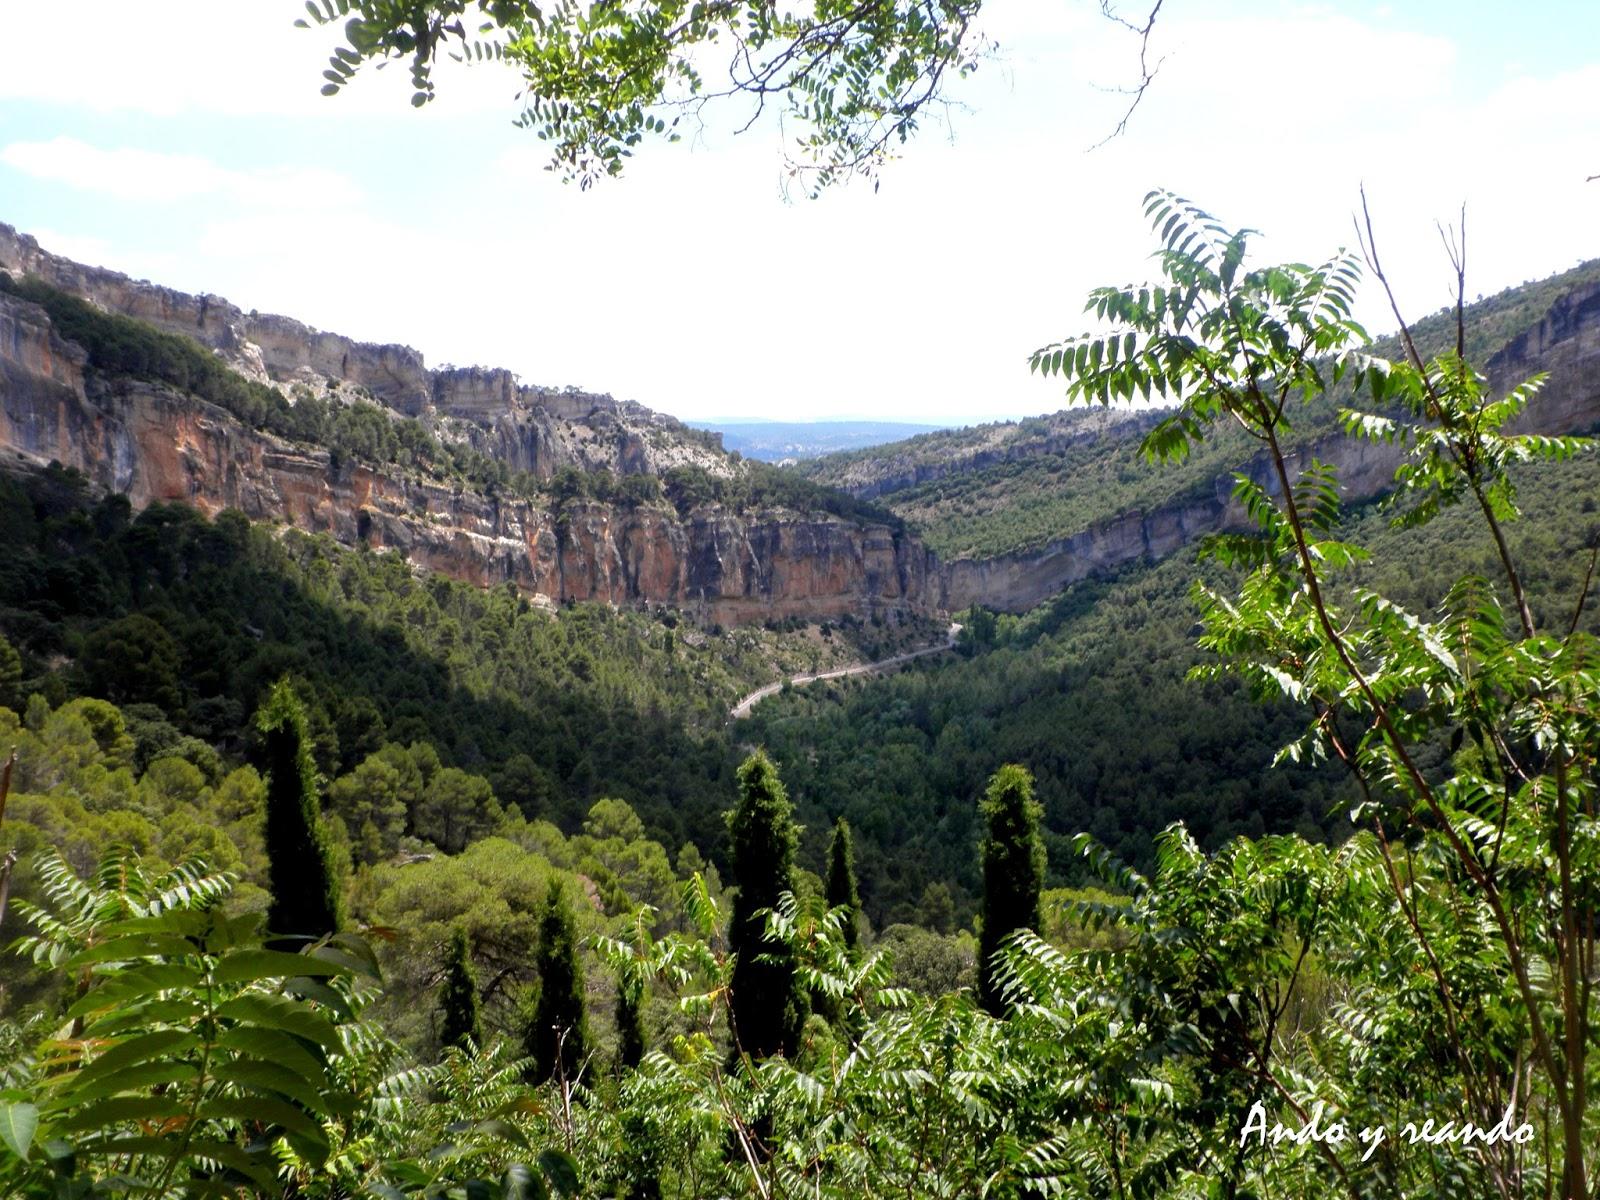 Vistas  desde el monasterio de San Miguel de las Victorias. Priego